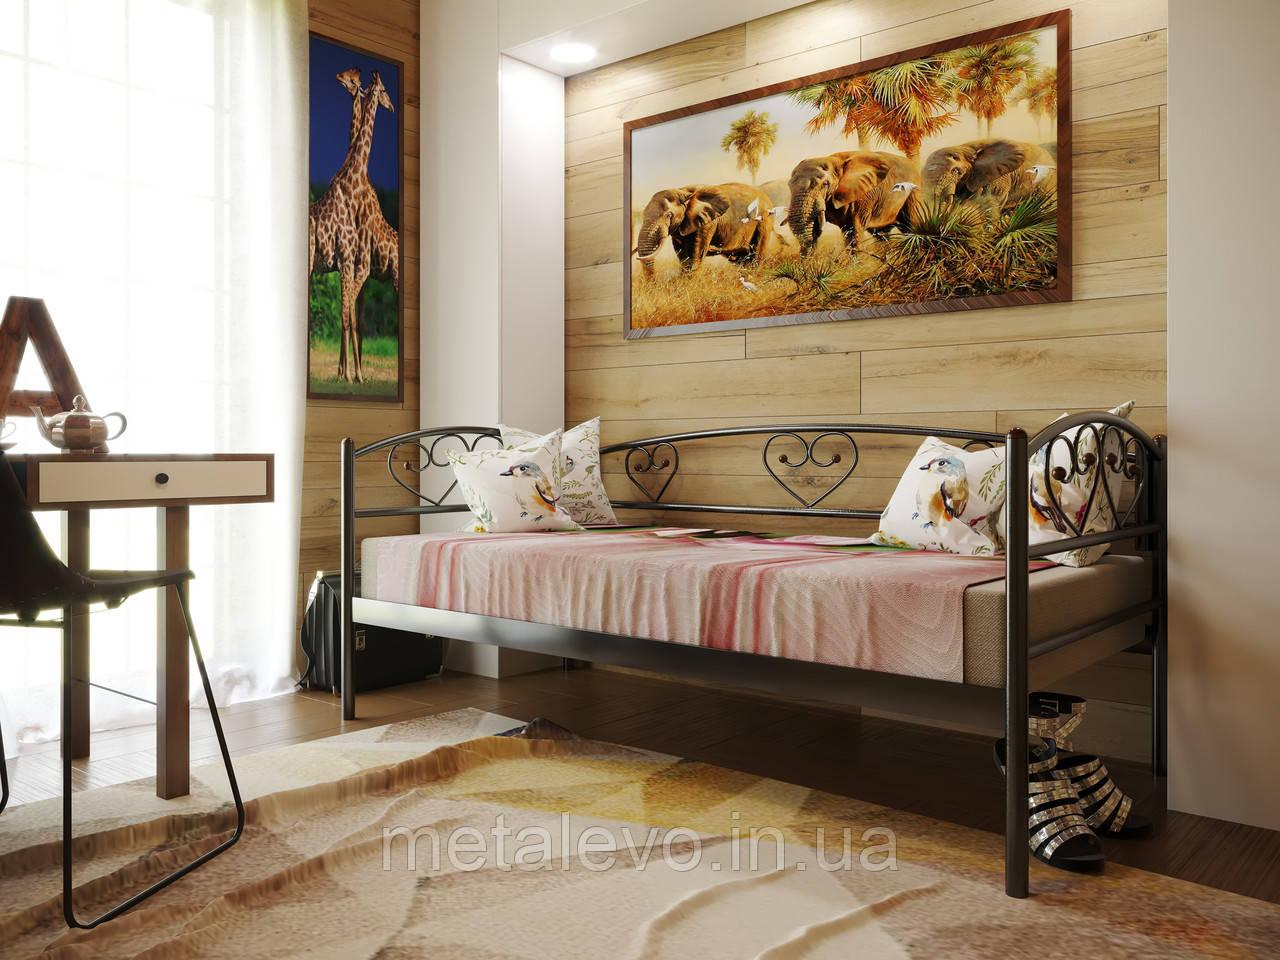 Металлическая кровать ДАРИНА ЛЮКС ( DARINA LUX )